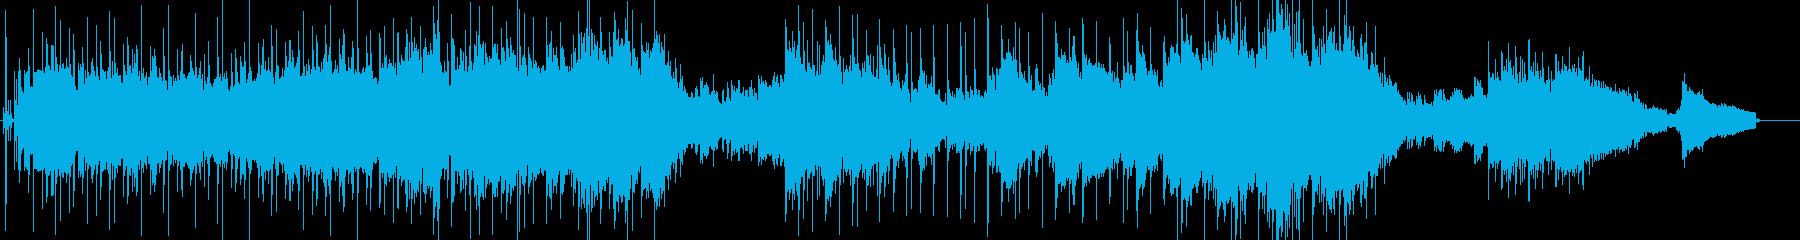 情熱的・お洒落・欧風・6/8拍子の再生済みの波形